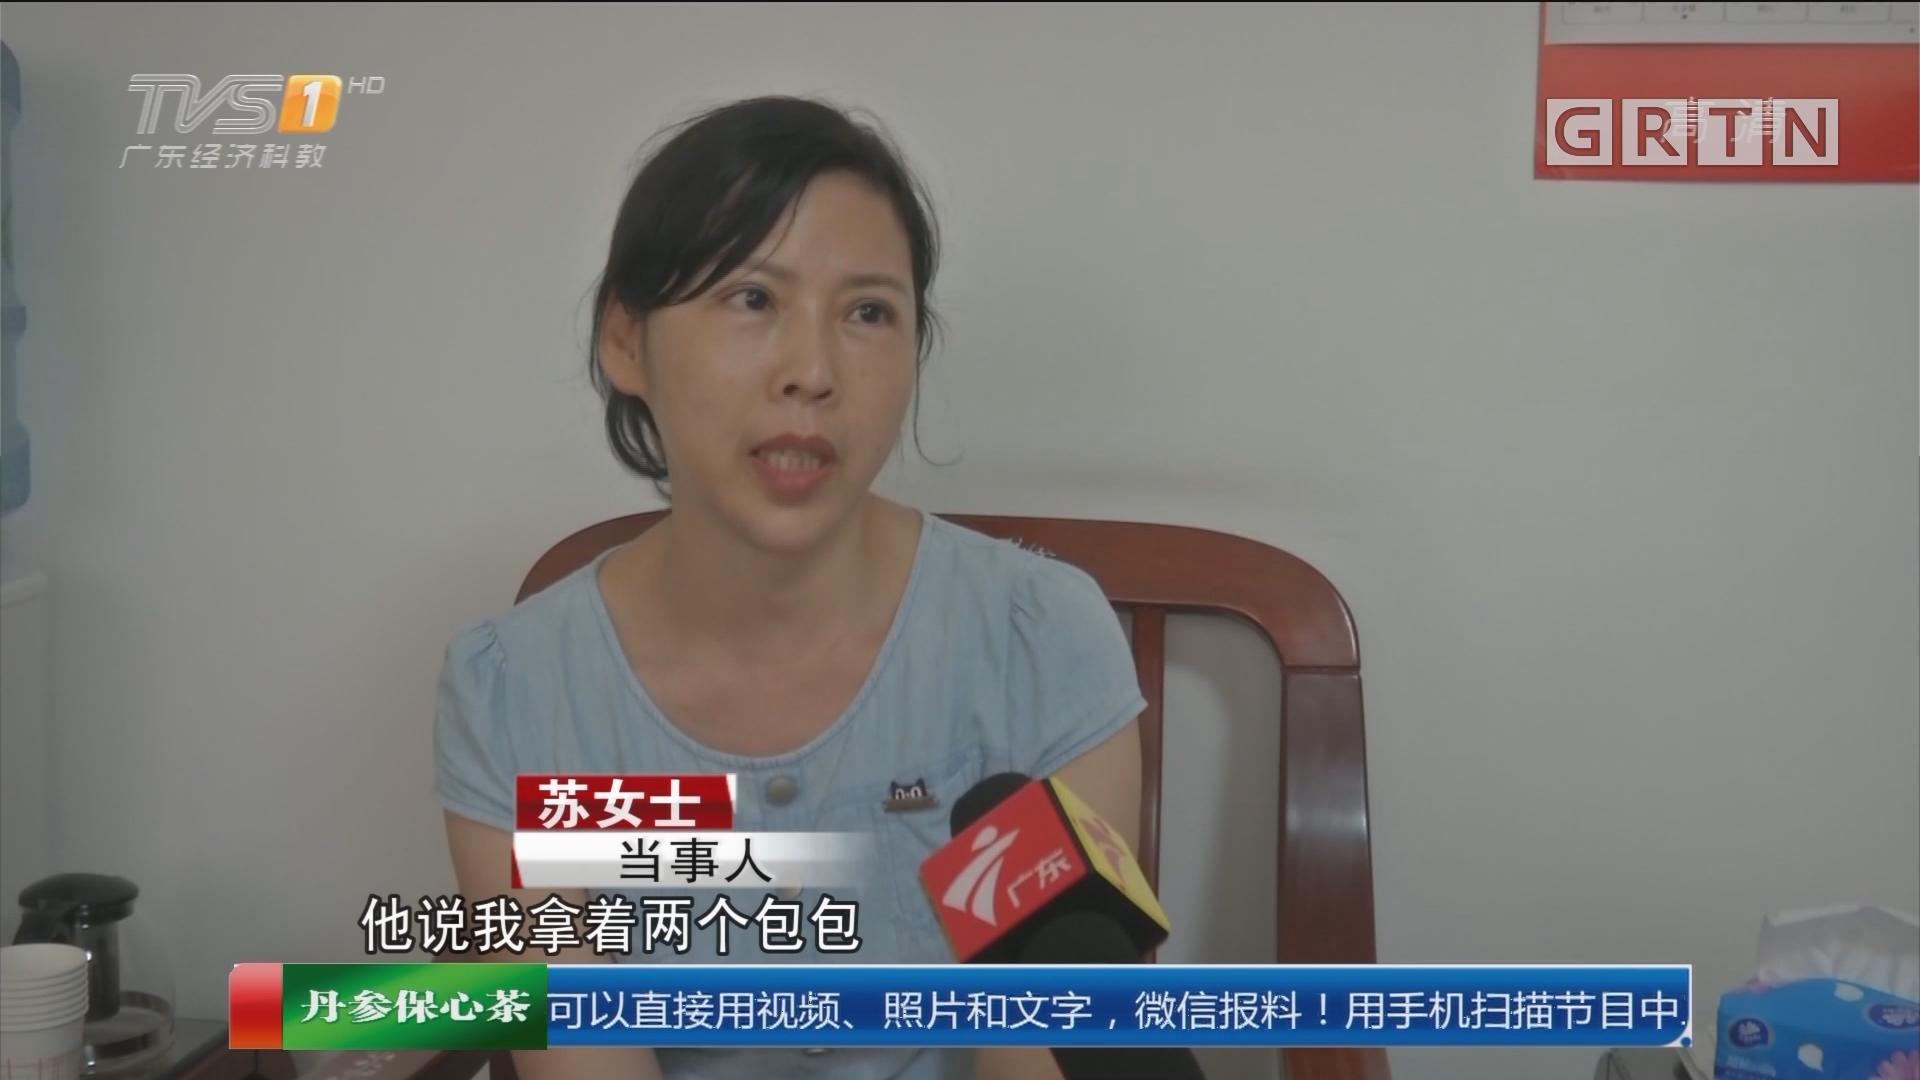 北京八达岭野生动物园:开窗投喂黑熊 任性游客被咬伤